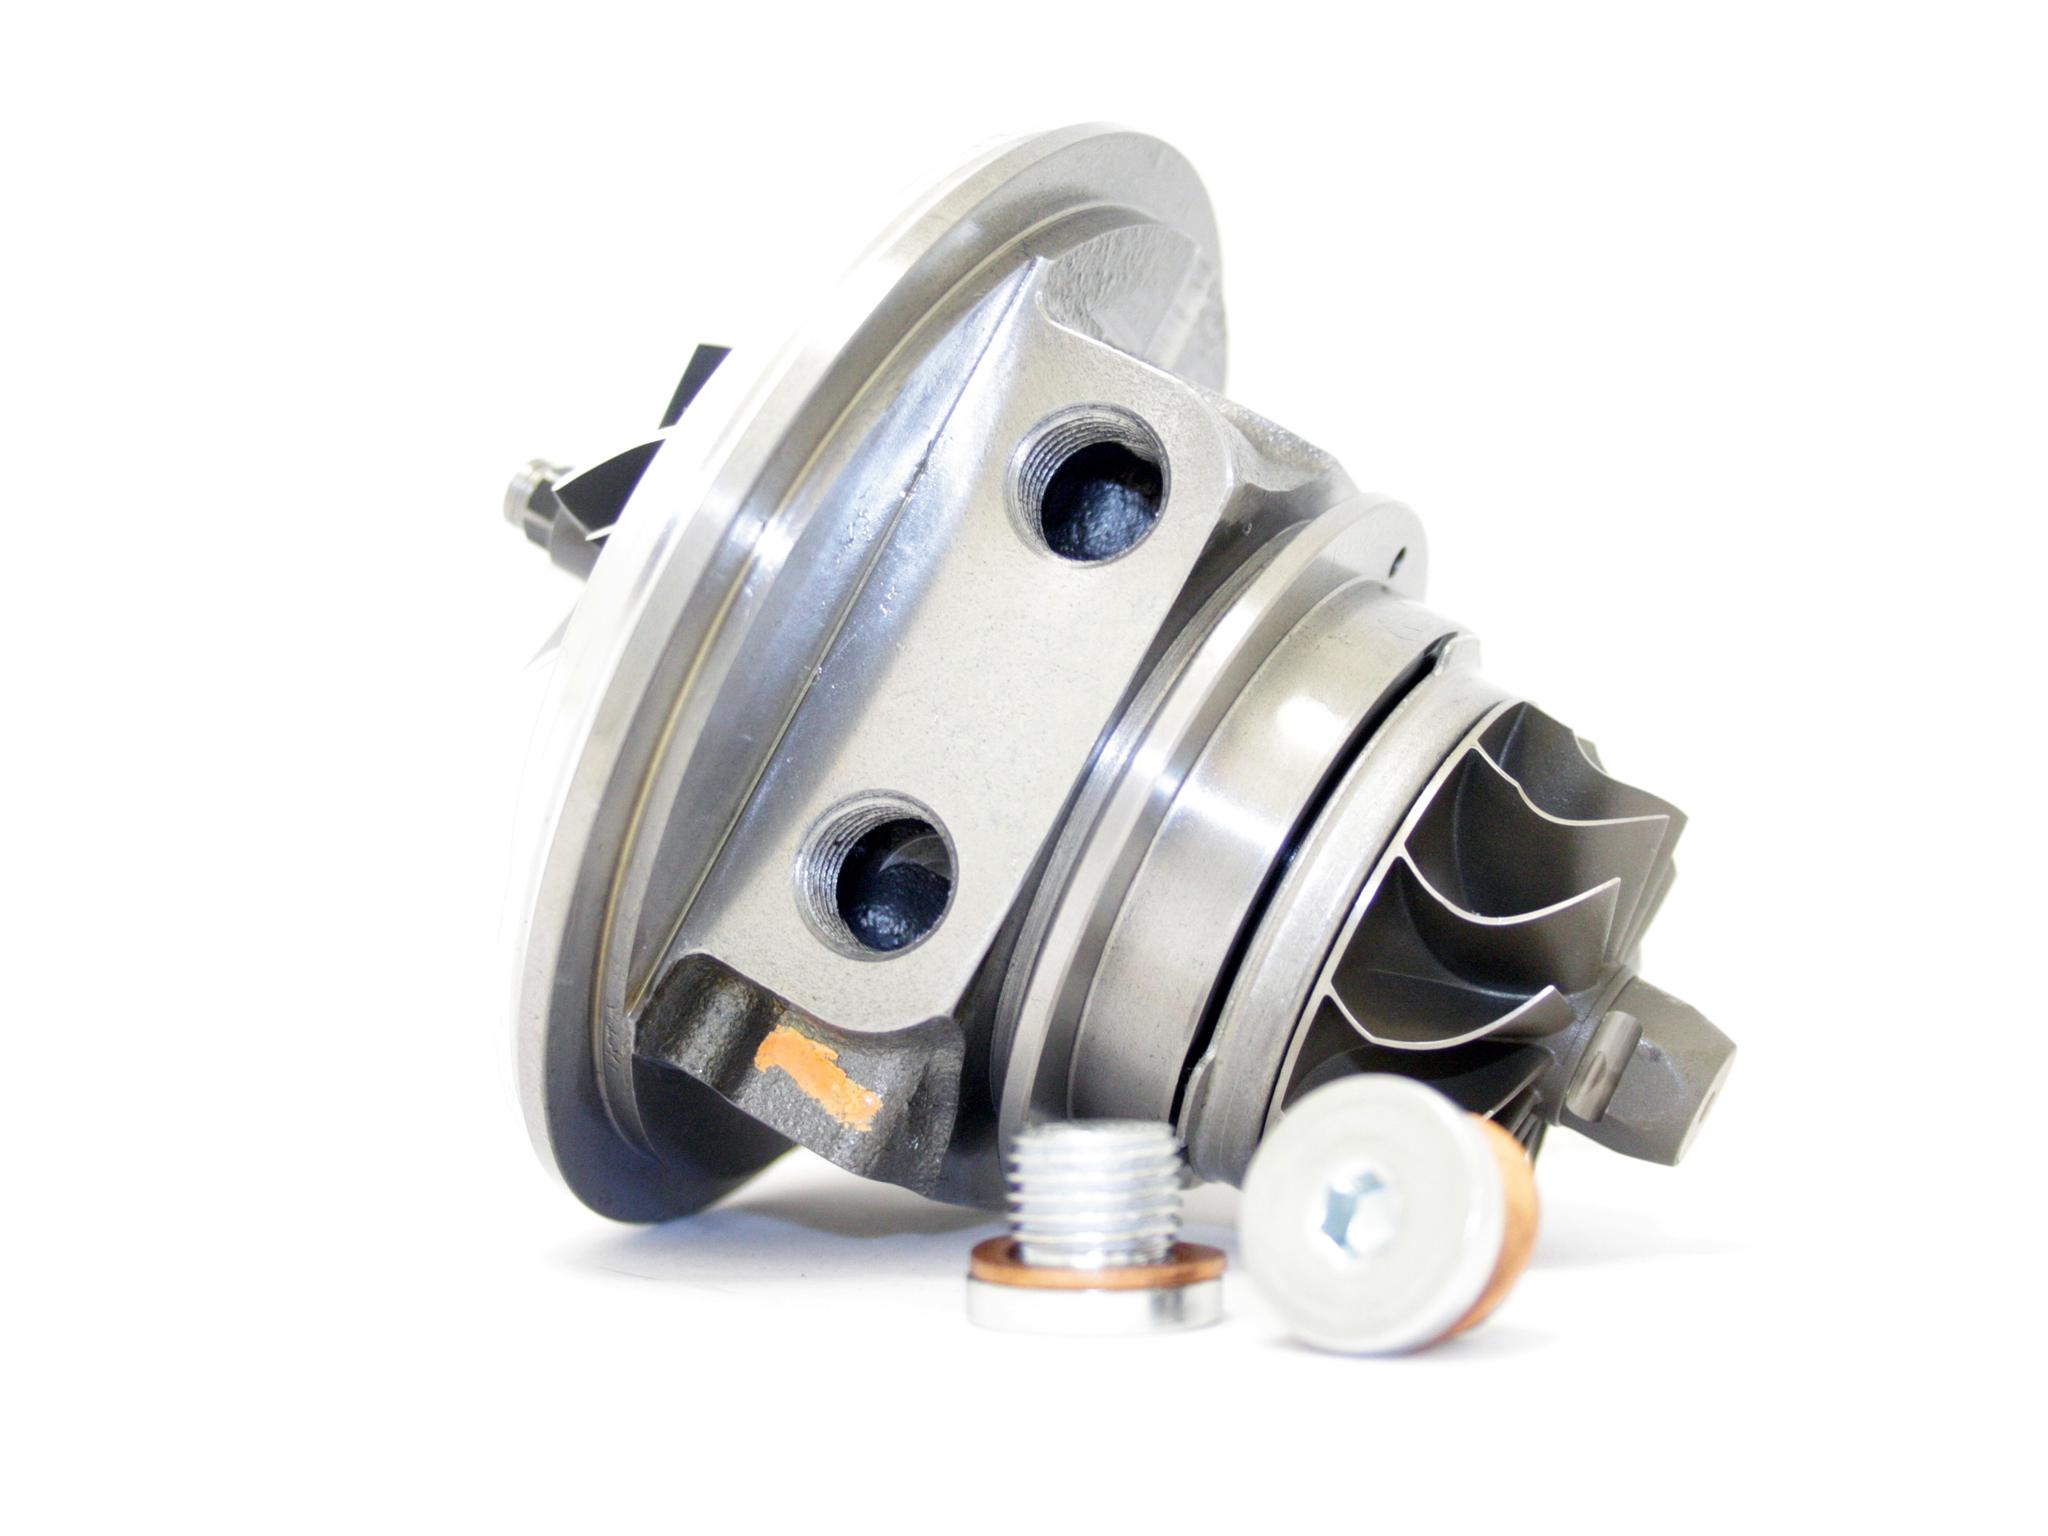 Картридж турбины K04 Вольво 2.5 T5 B5254T3 200-225 л.с.